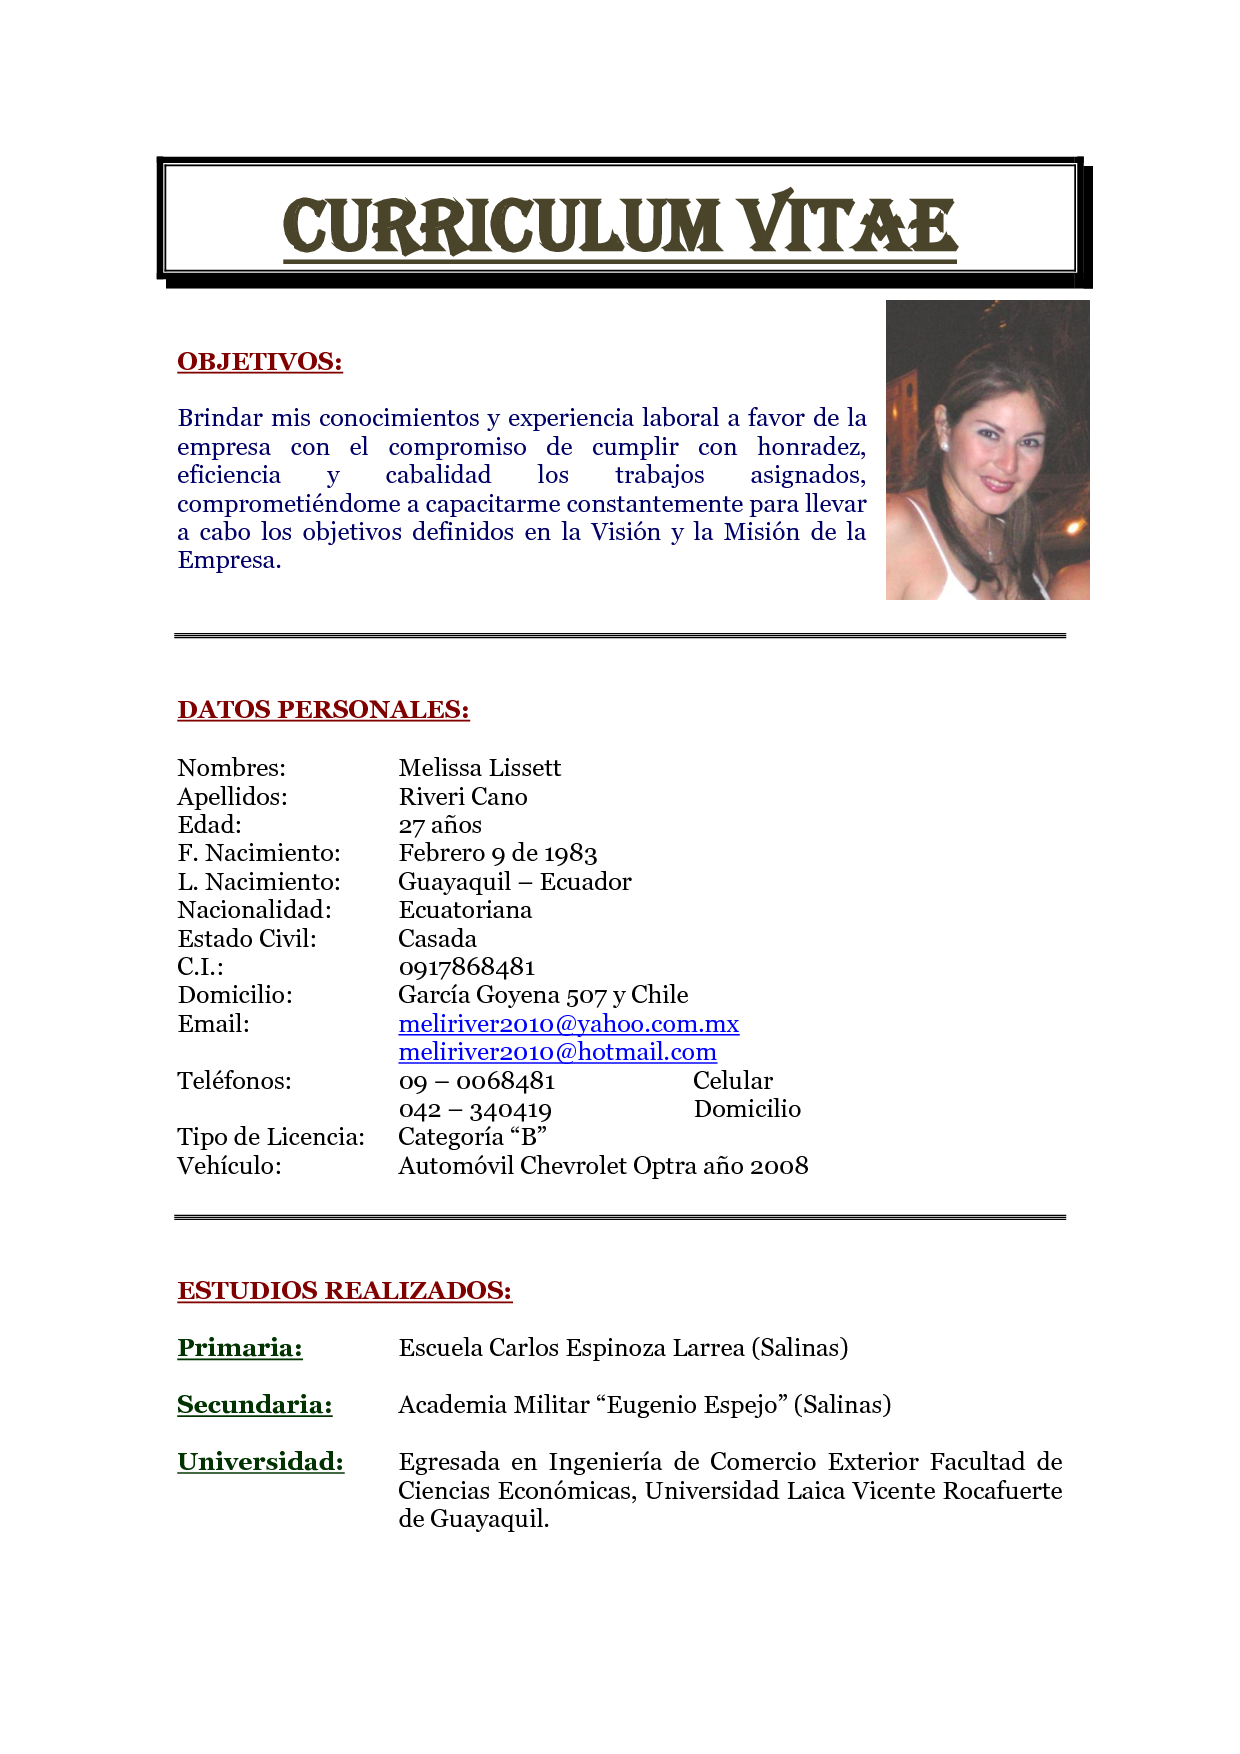 Curriculum Vitae Objetivos Modelo De Curriculum Vitae In 2020 Curriculum Vitae Writing Words